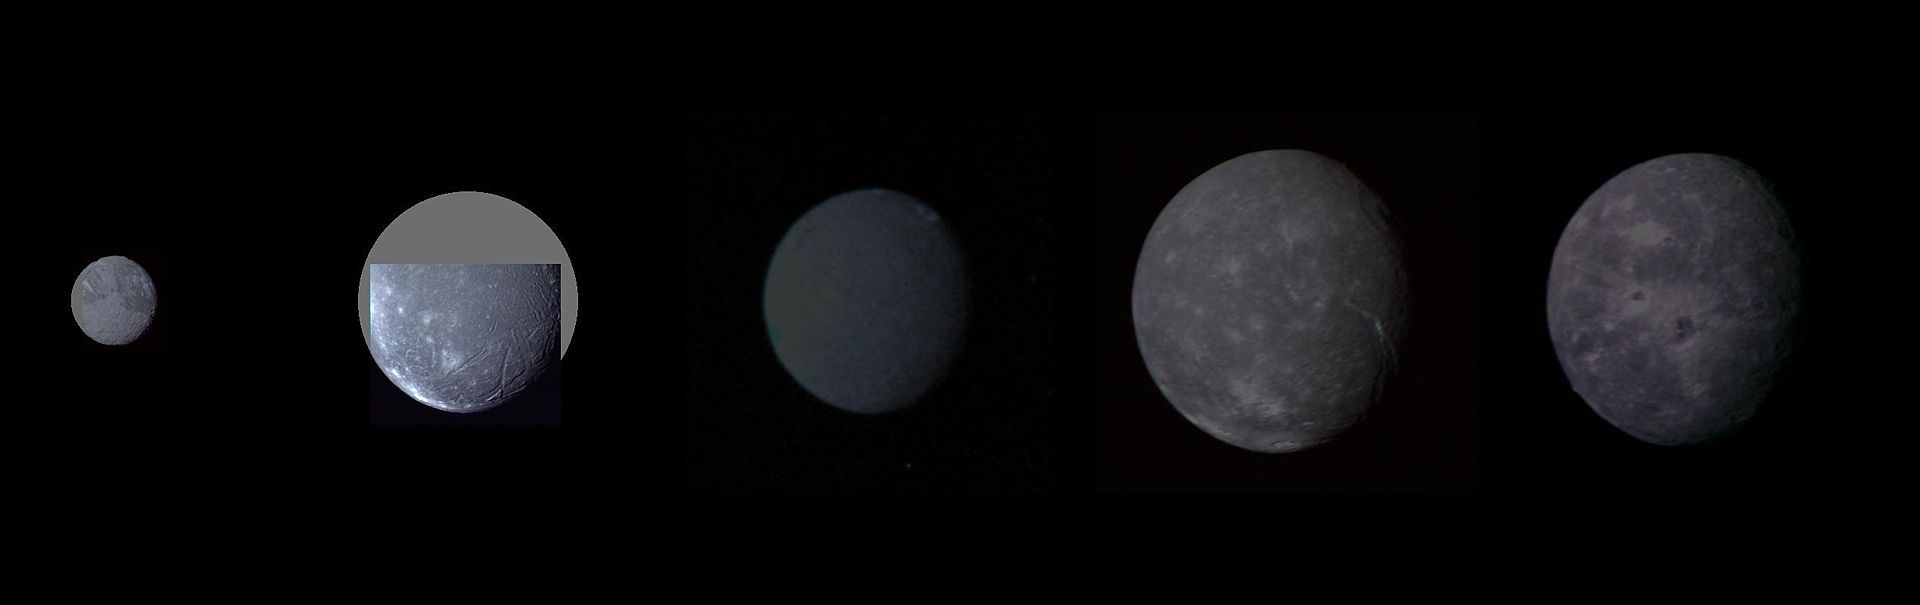 Наиболее крупные спутники Урана. Слева направо: Миранда, Ариэль, Умбриэль, Титания, Оберон.